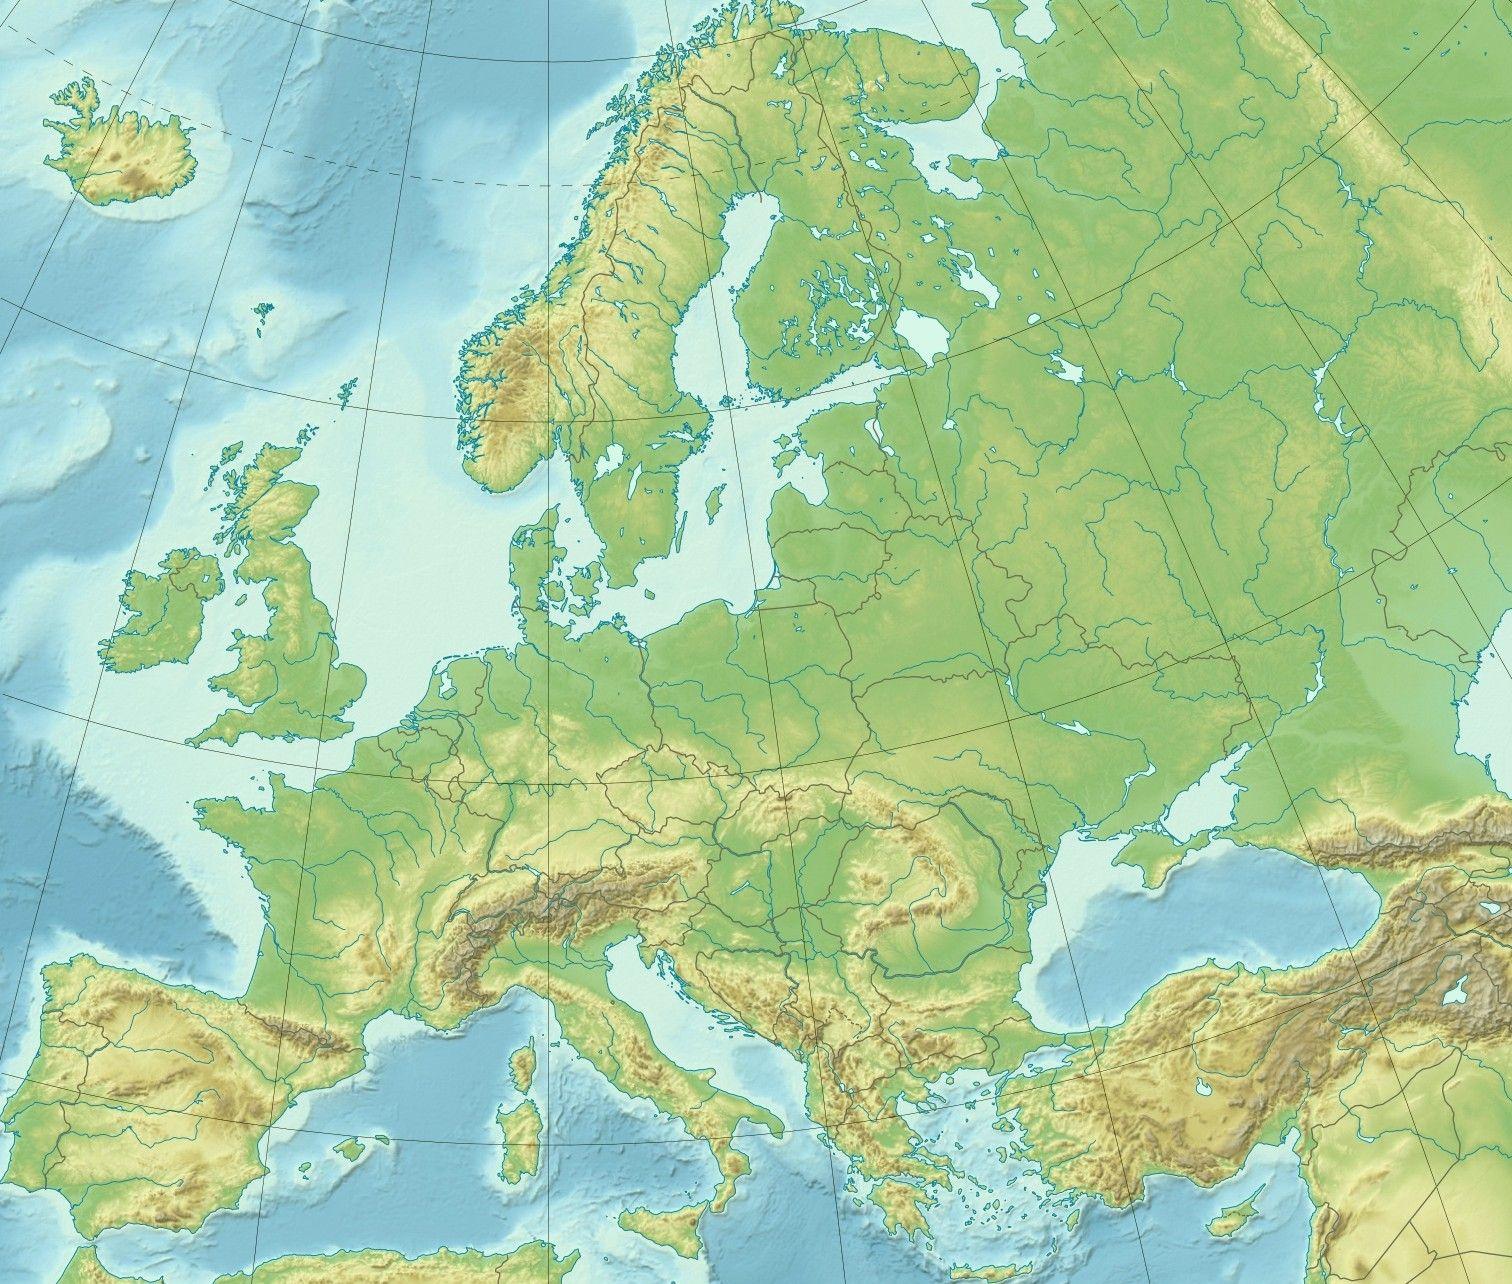 Cartes De L'europe Et Rmations Sur Le Continent Européen tout Carte Géographique De L Europe